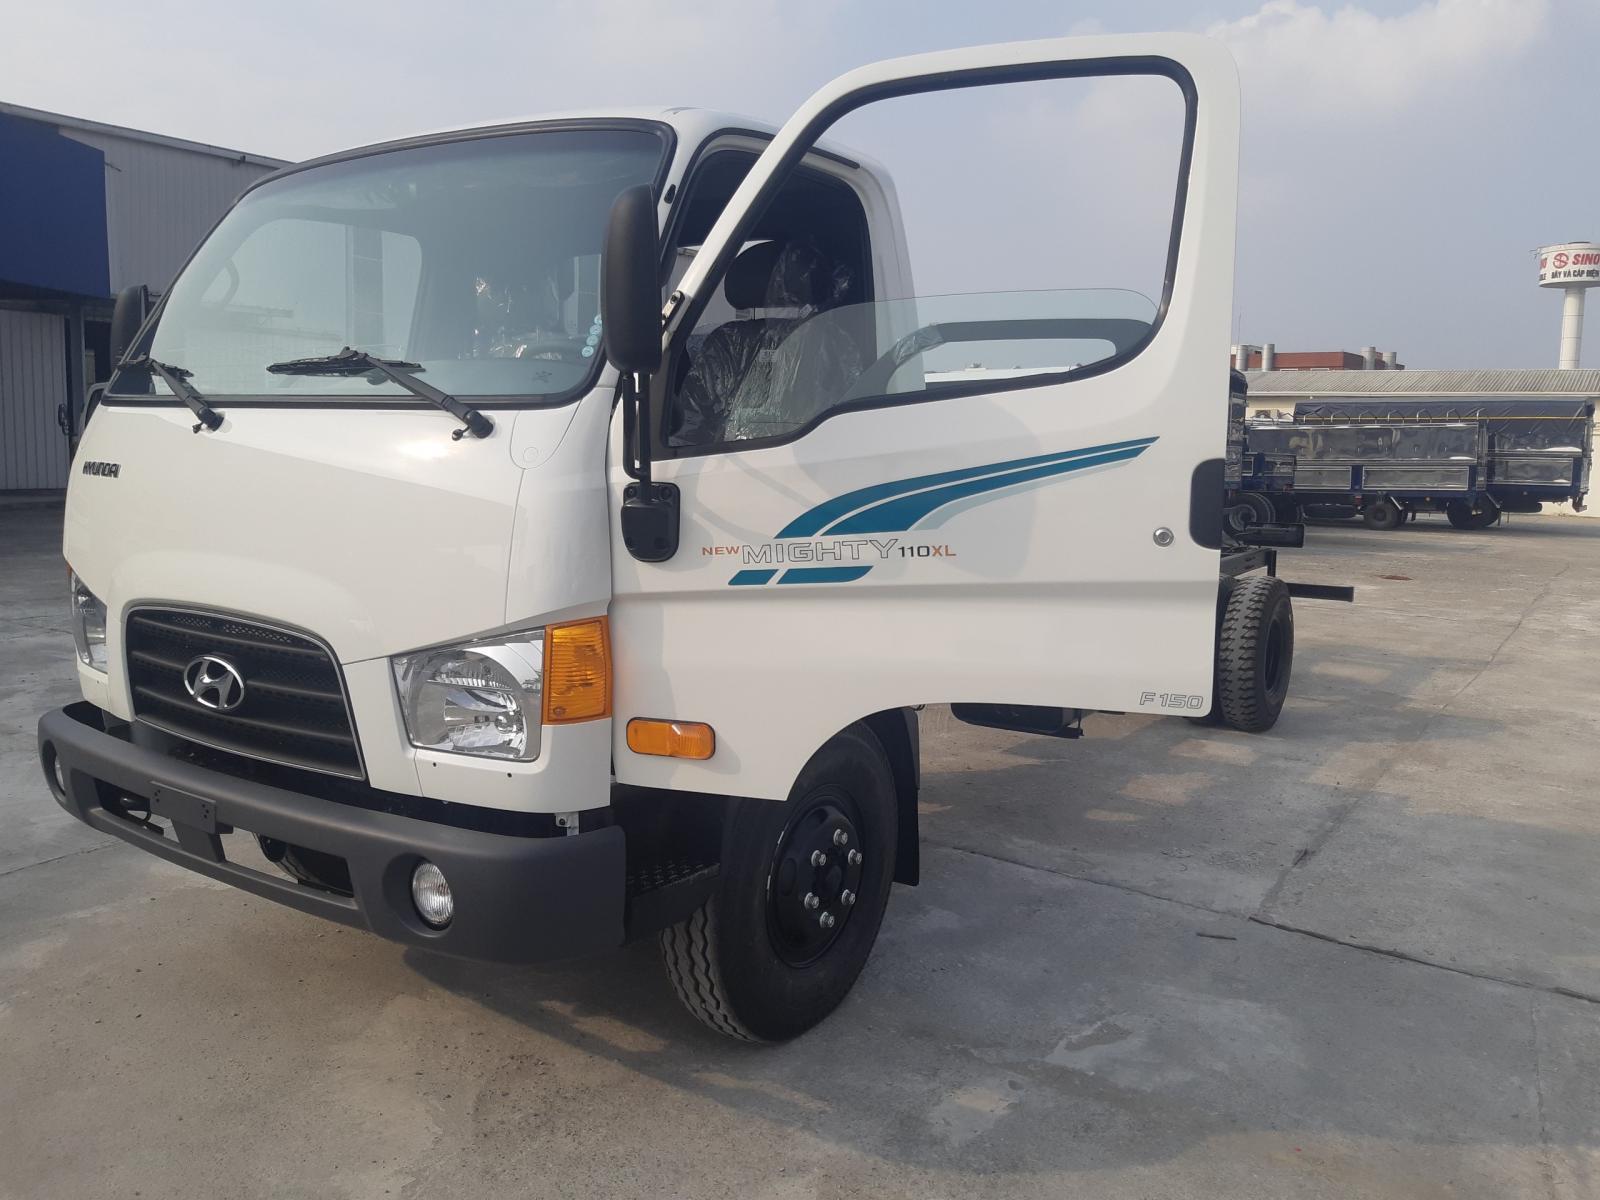 Xe tải 7 tấn Hyundai New Mighty 110XL nhập khẩu 3 cục Hàn Quốc 2021 thùng 6m3